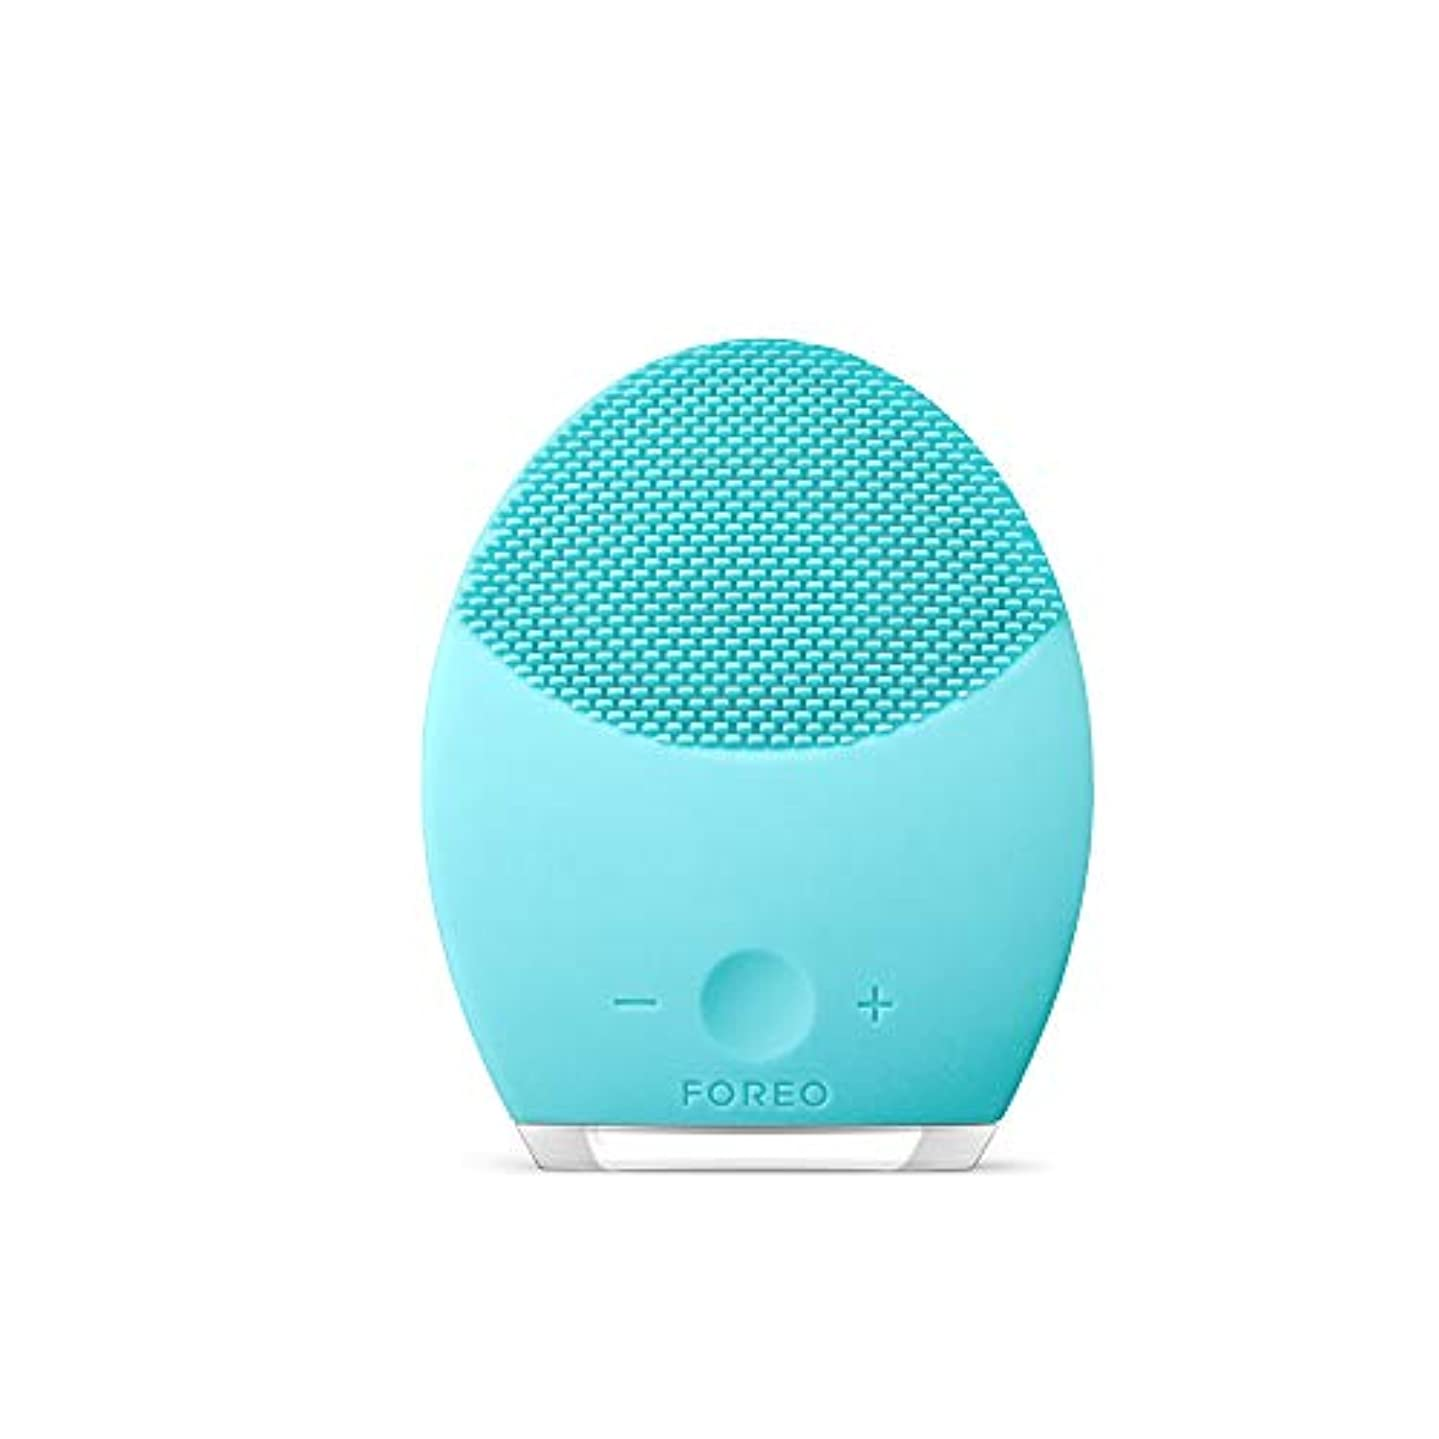 ラブ比較的酸素FOREO LUNA 2 for オイリースキン 電動洗顔ブラシ シリコーン製 音波振動